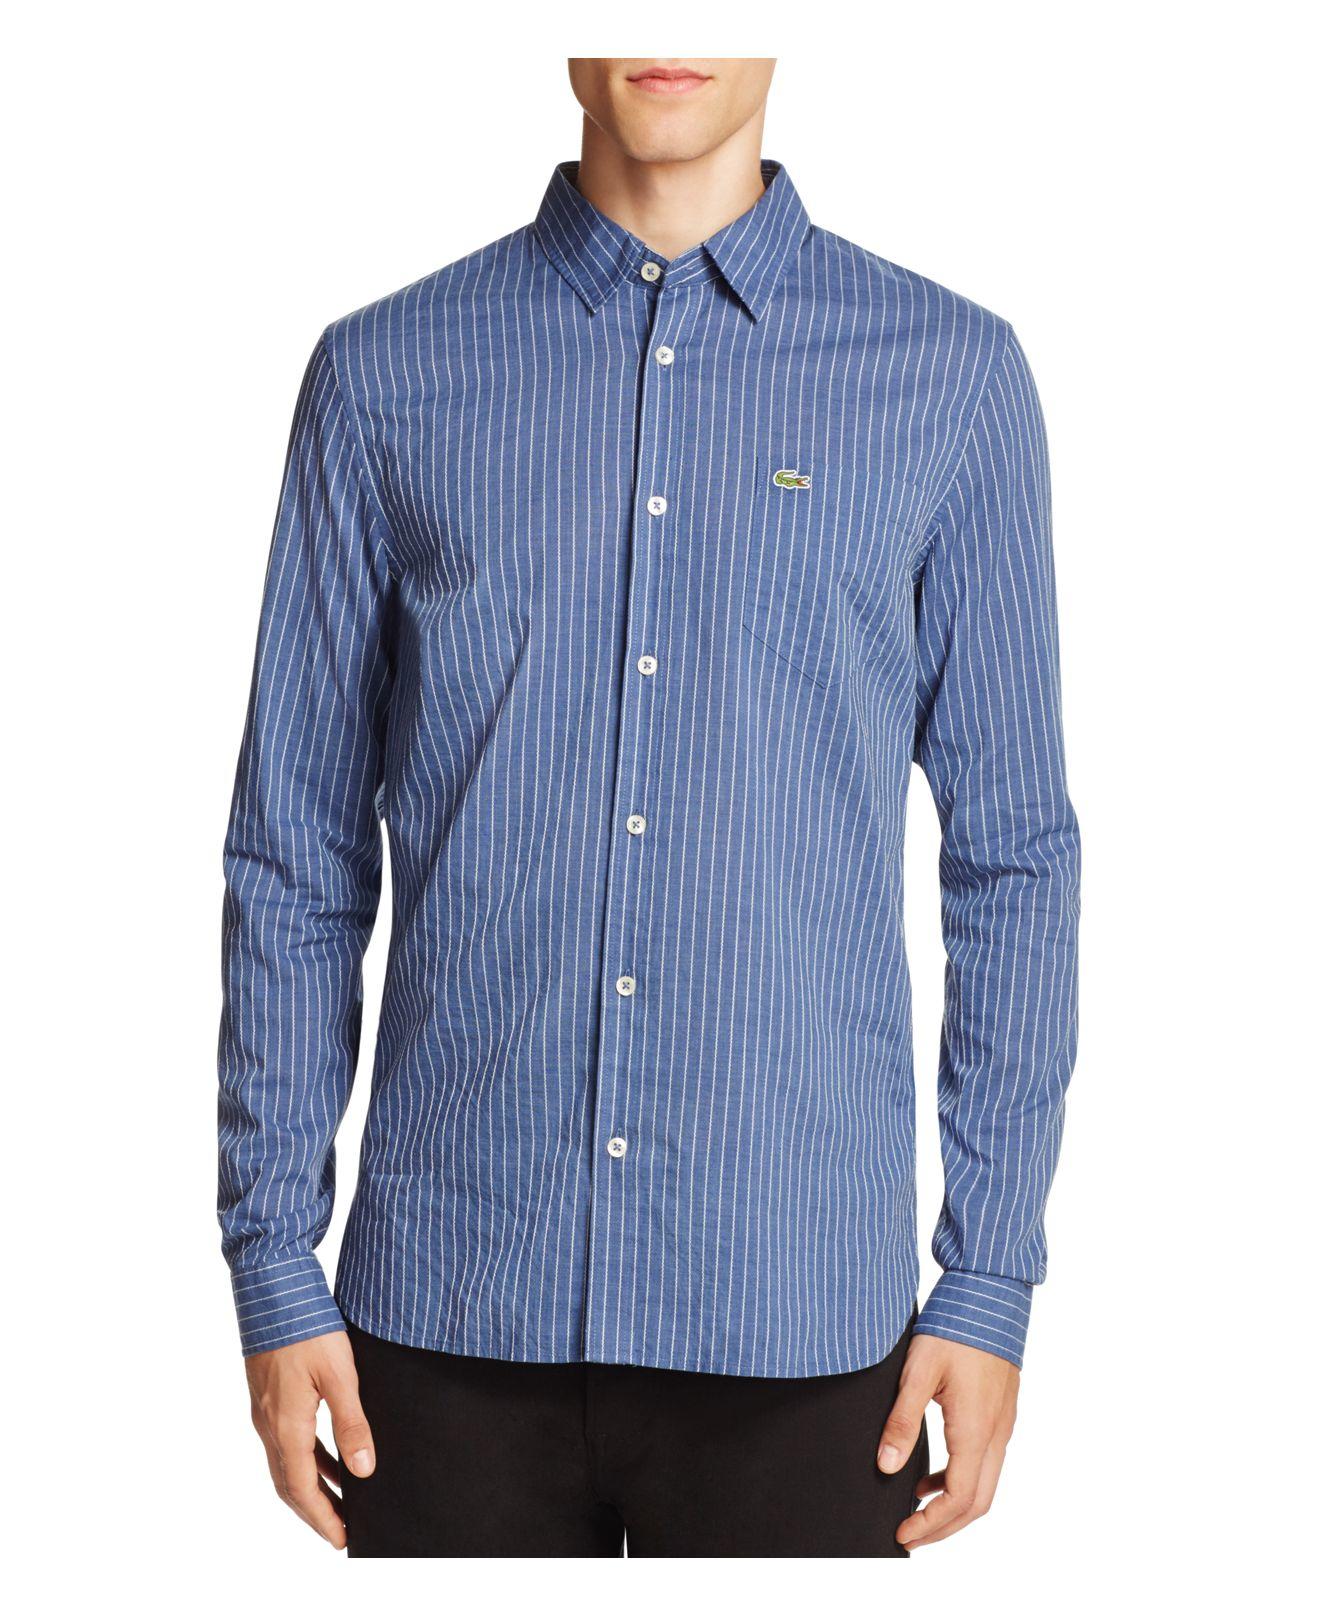 lyst lacoste indigo stripe slim fit button down shirt in